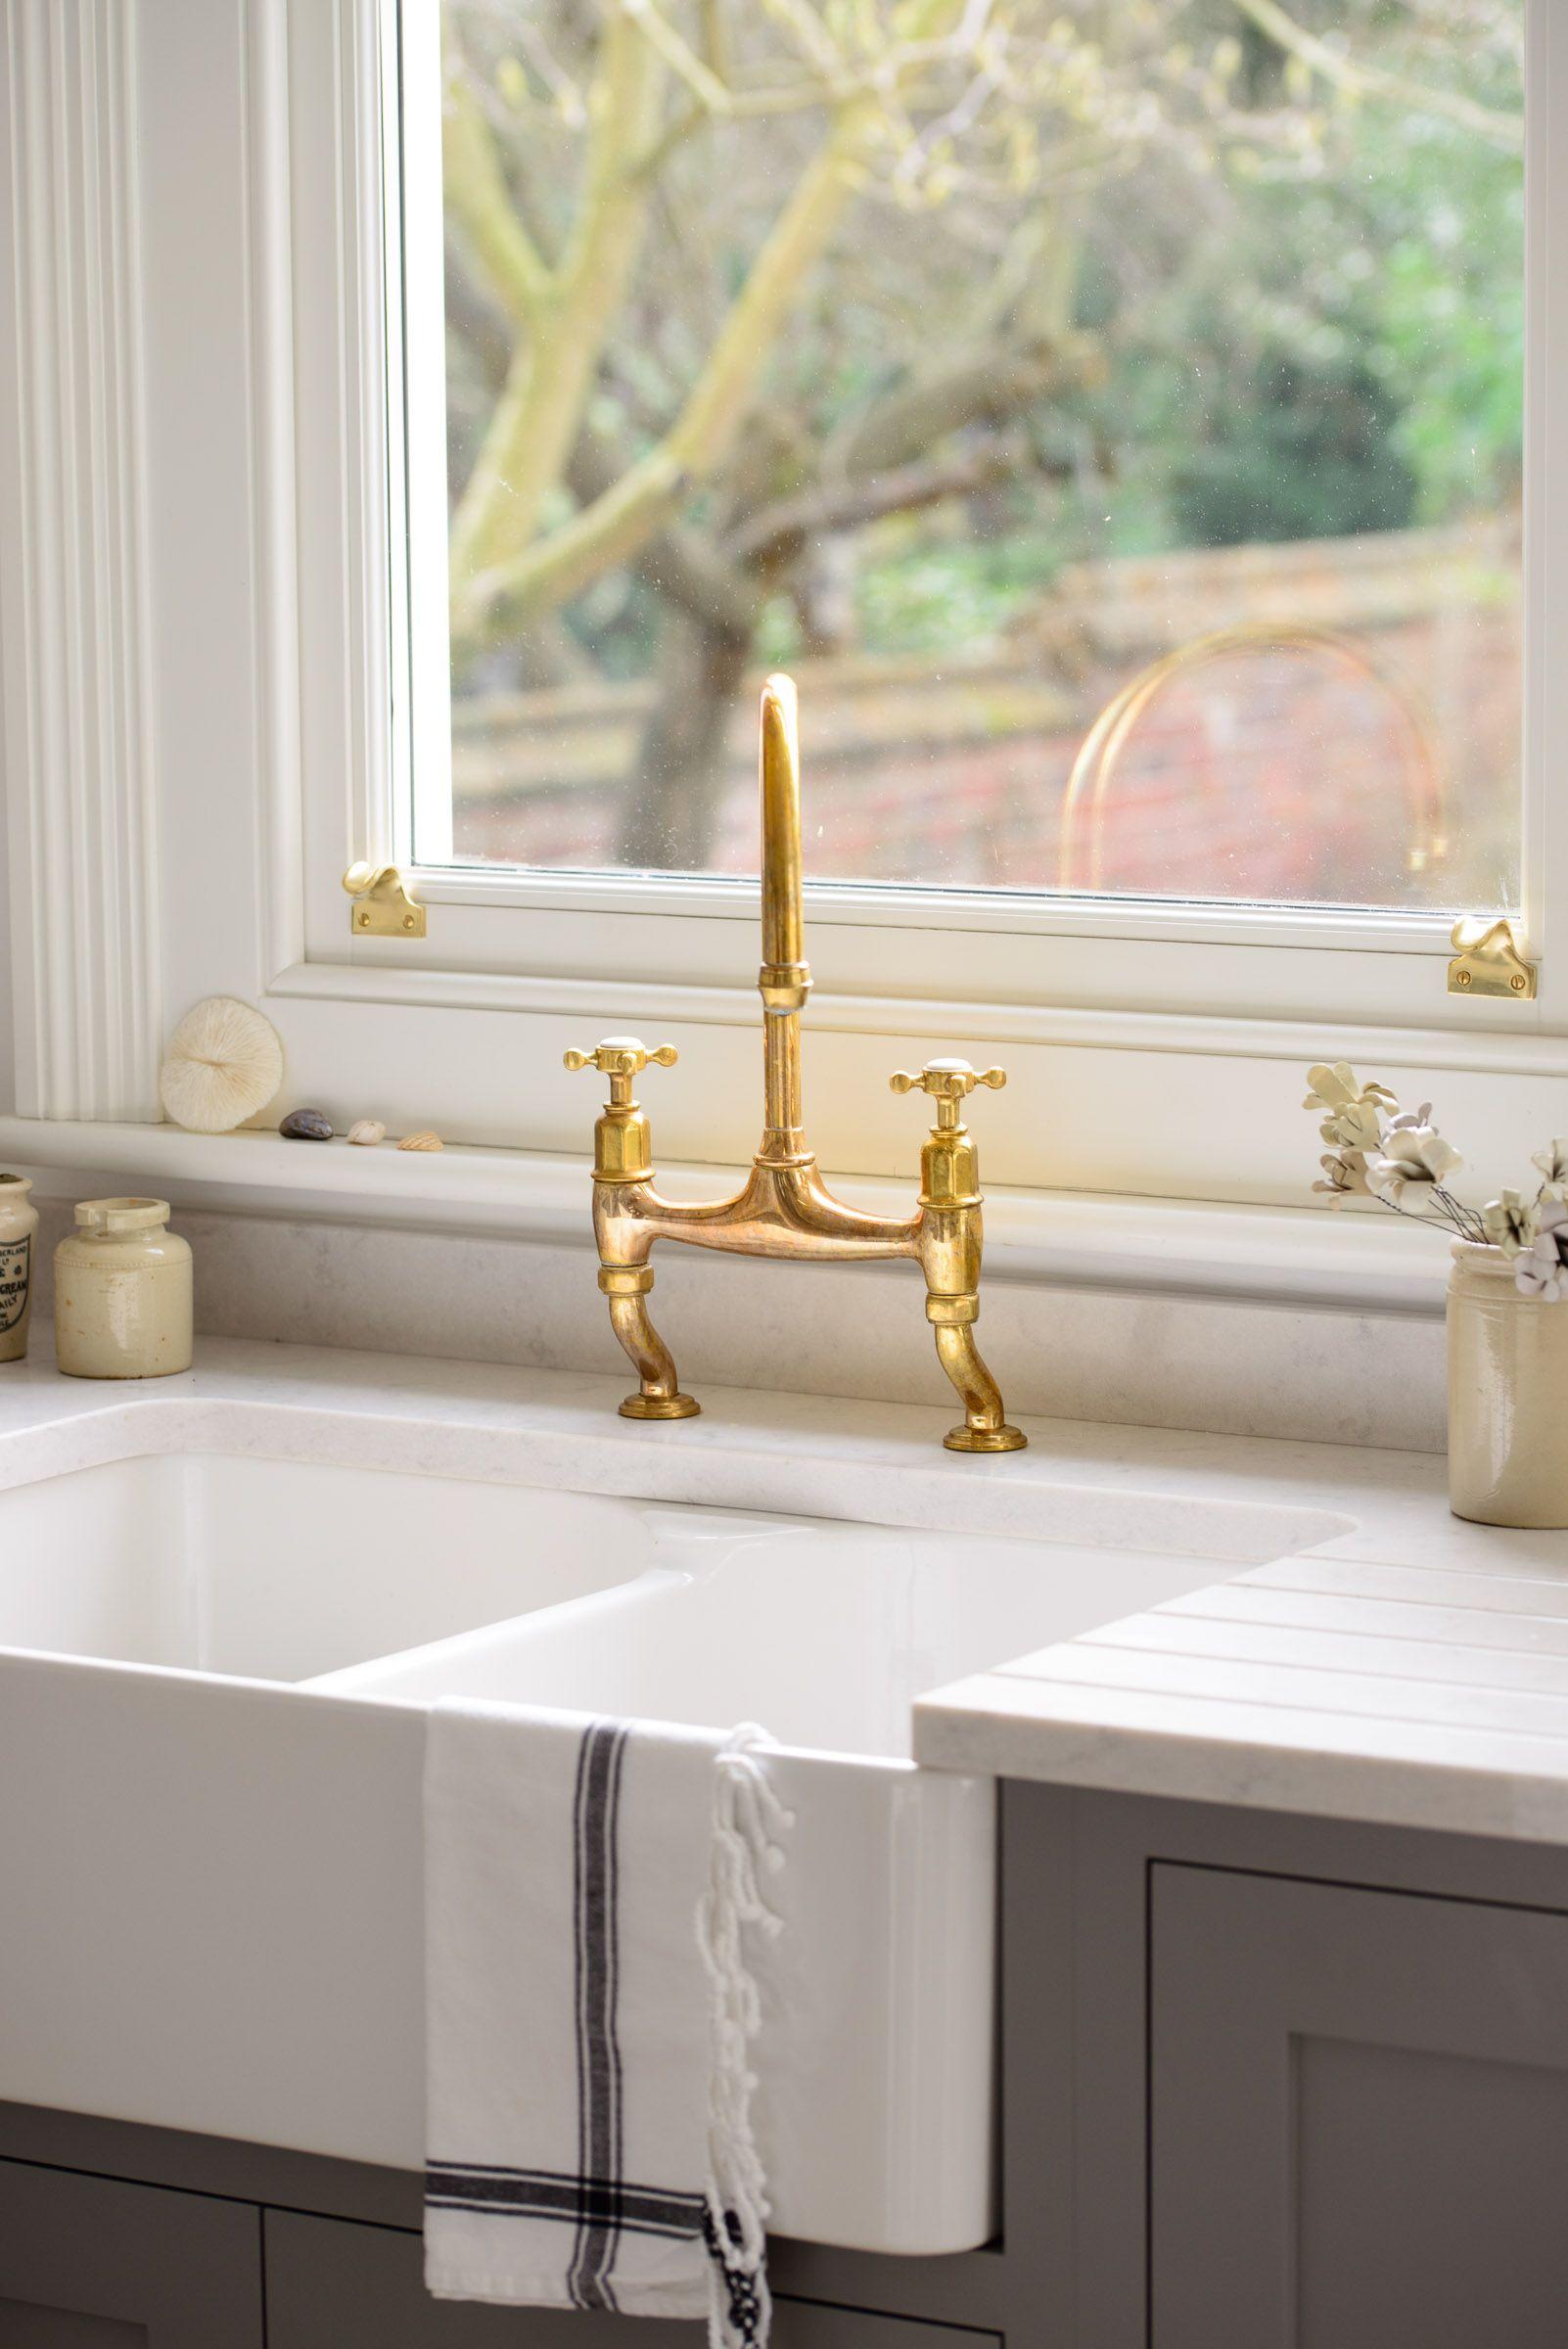 A Classic Villeroy Boch Farmhouse Sink With Devol Aged Brass